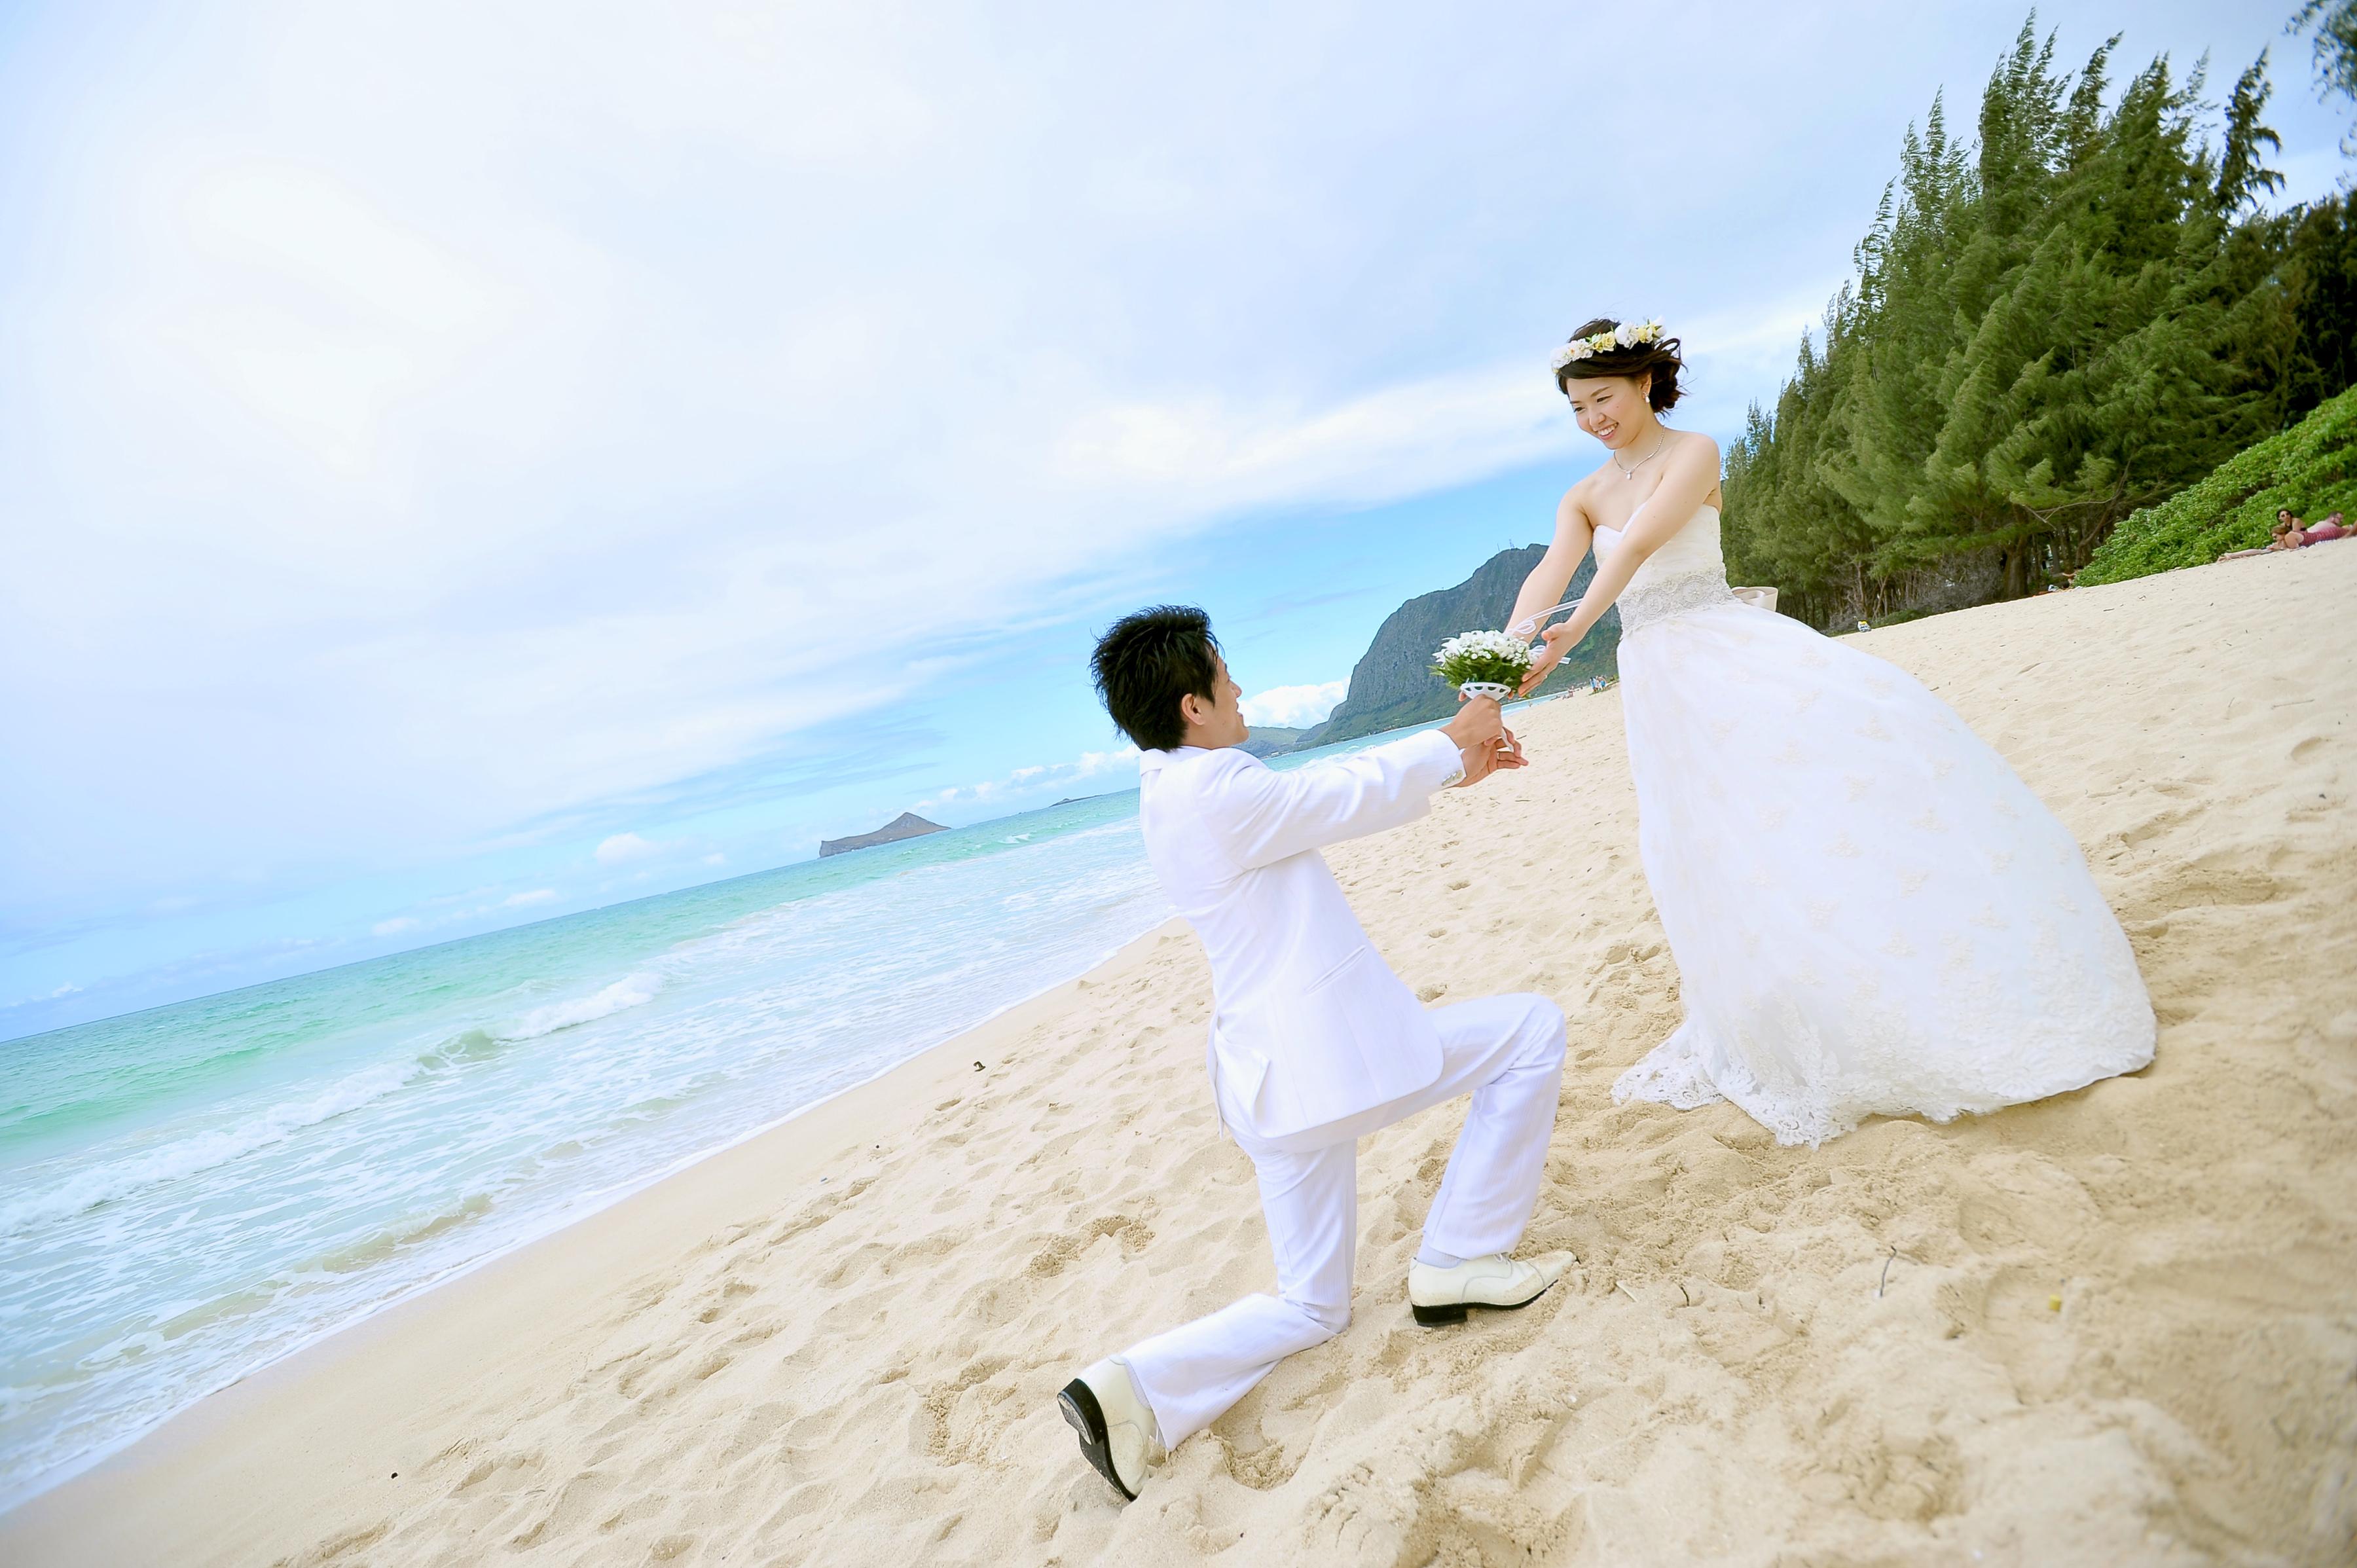 ロケフォト|ハワイ挙式|リゾートウエディング|ビーチフォト